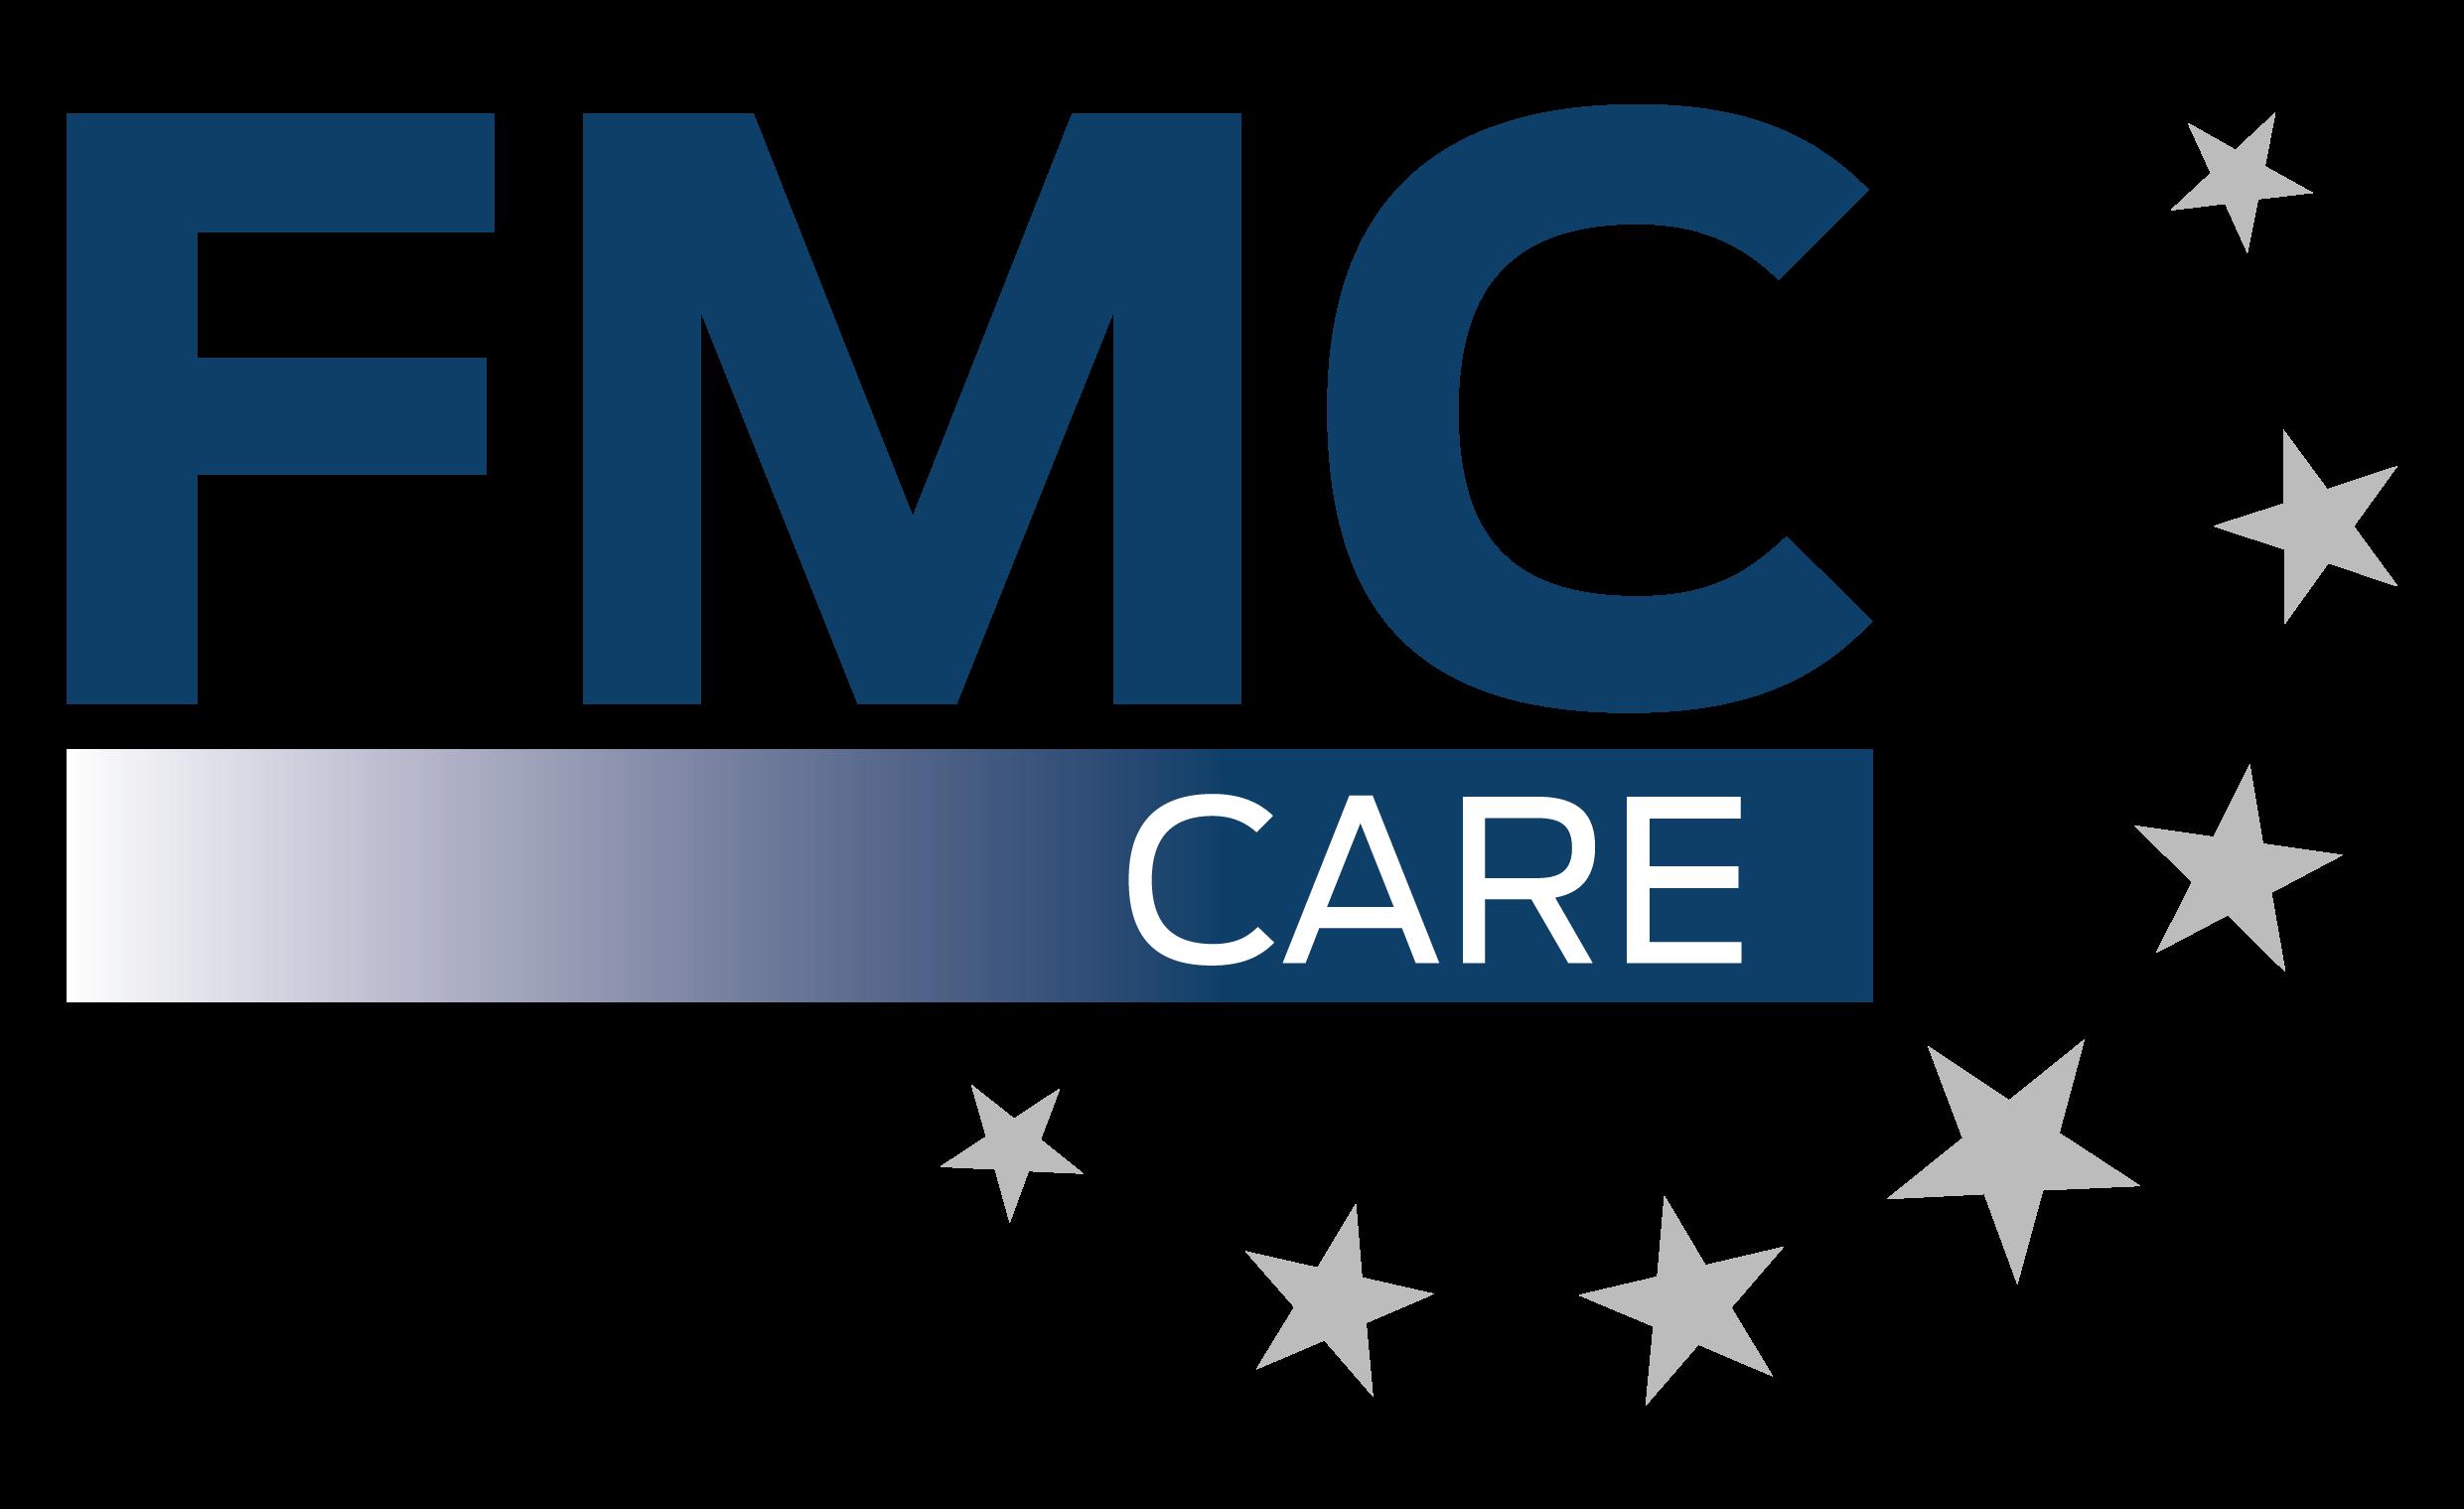 FMC-Care